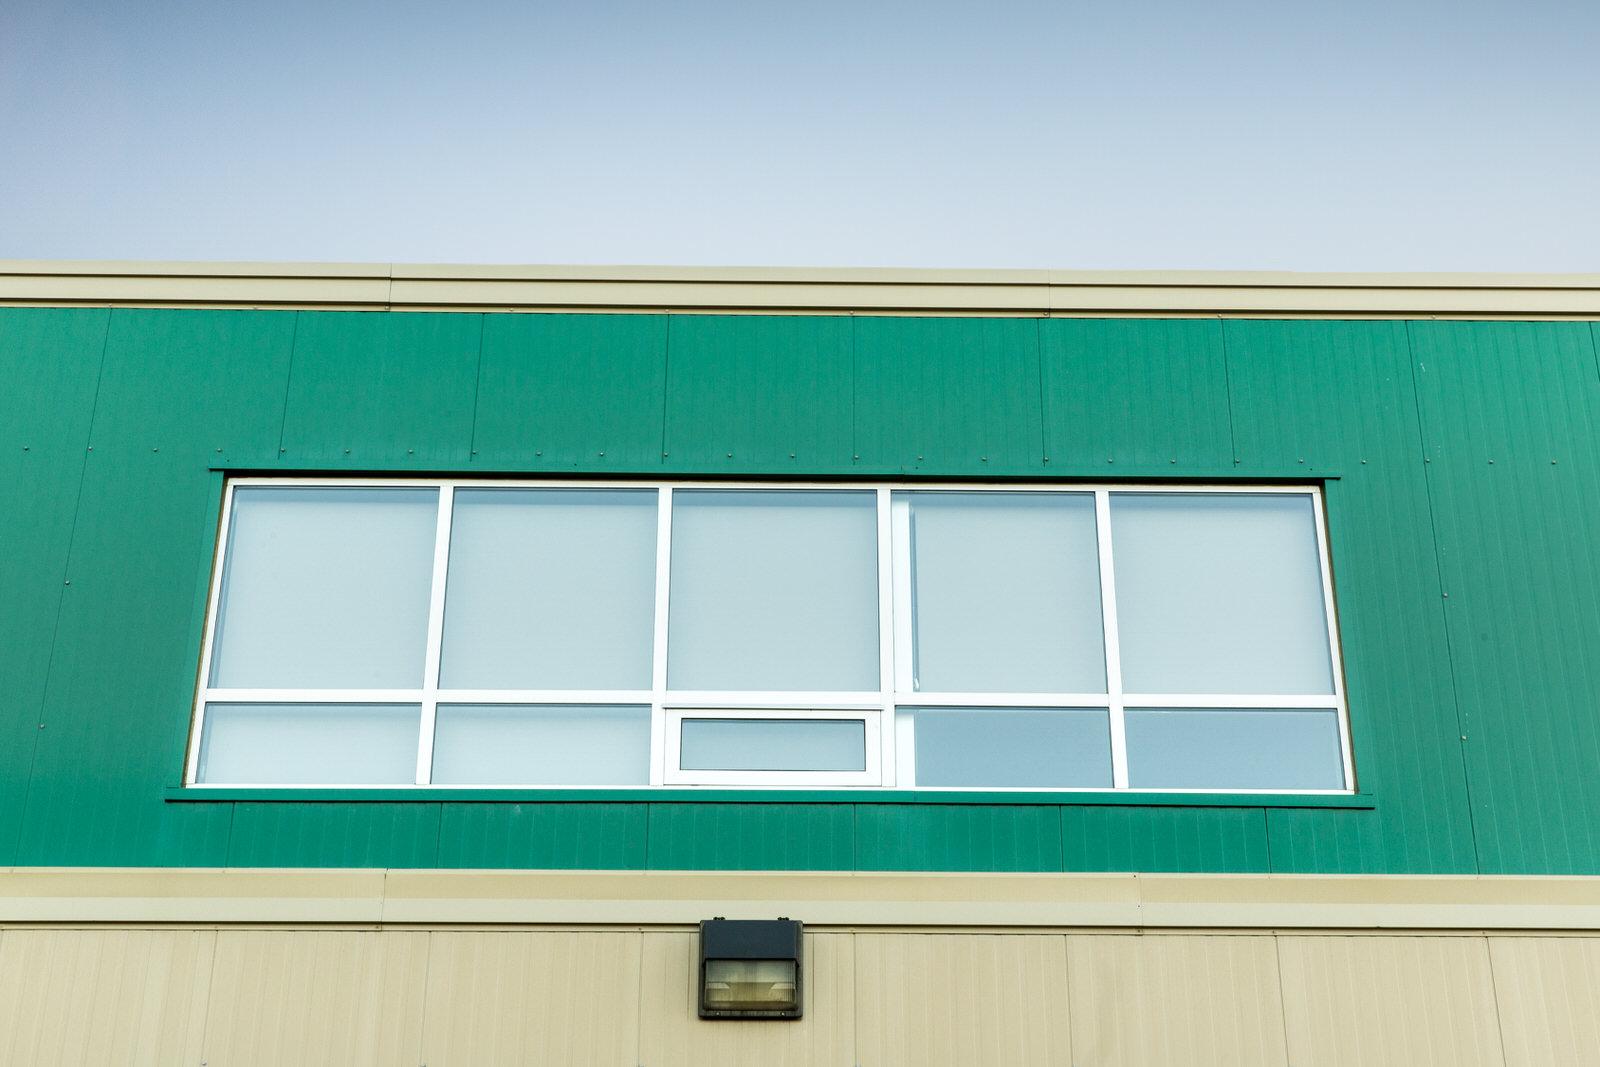 www.twitchyfingerphotos.ca